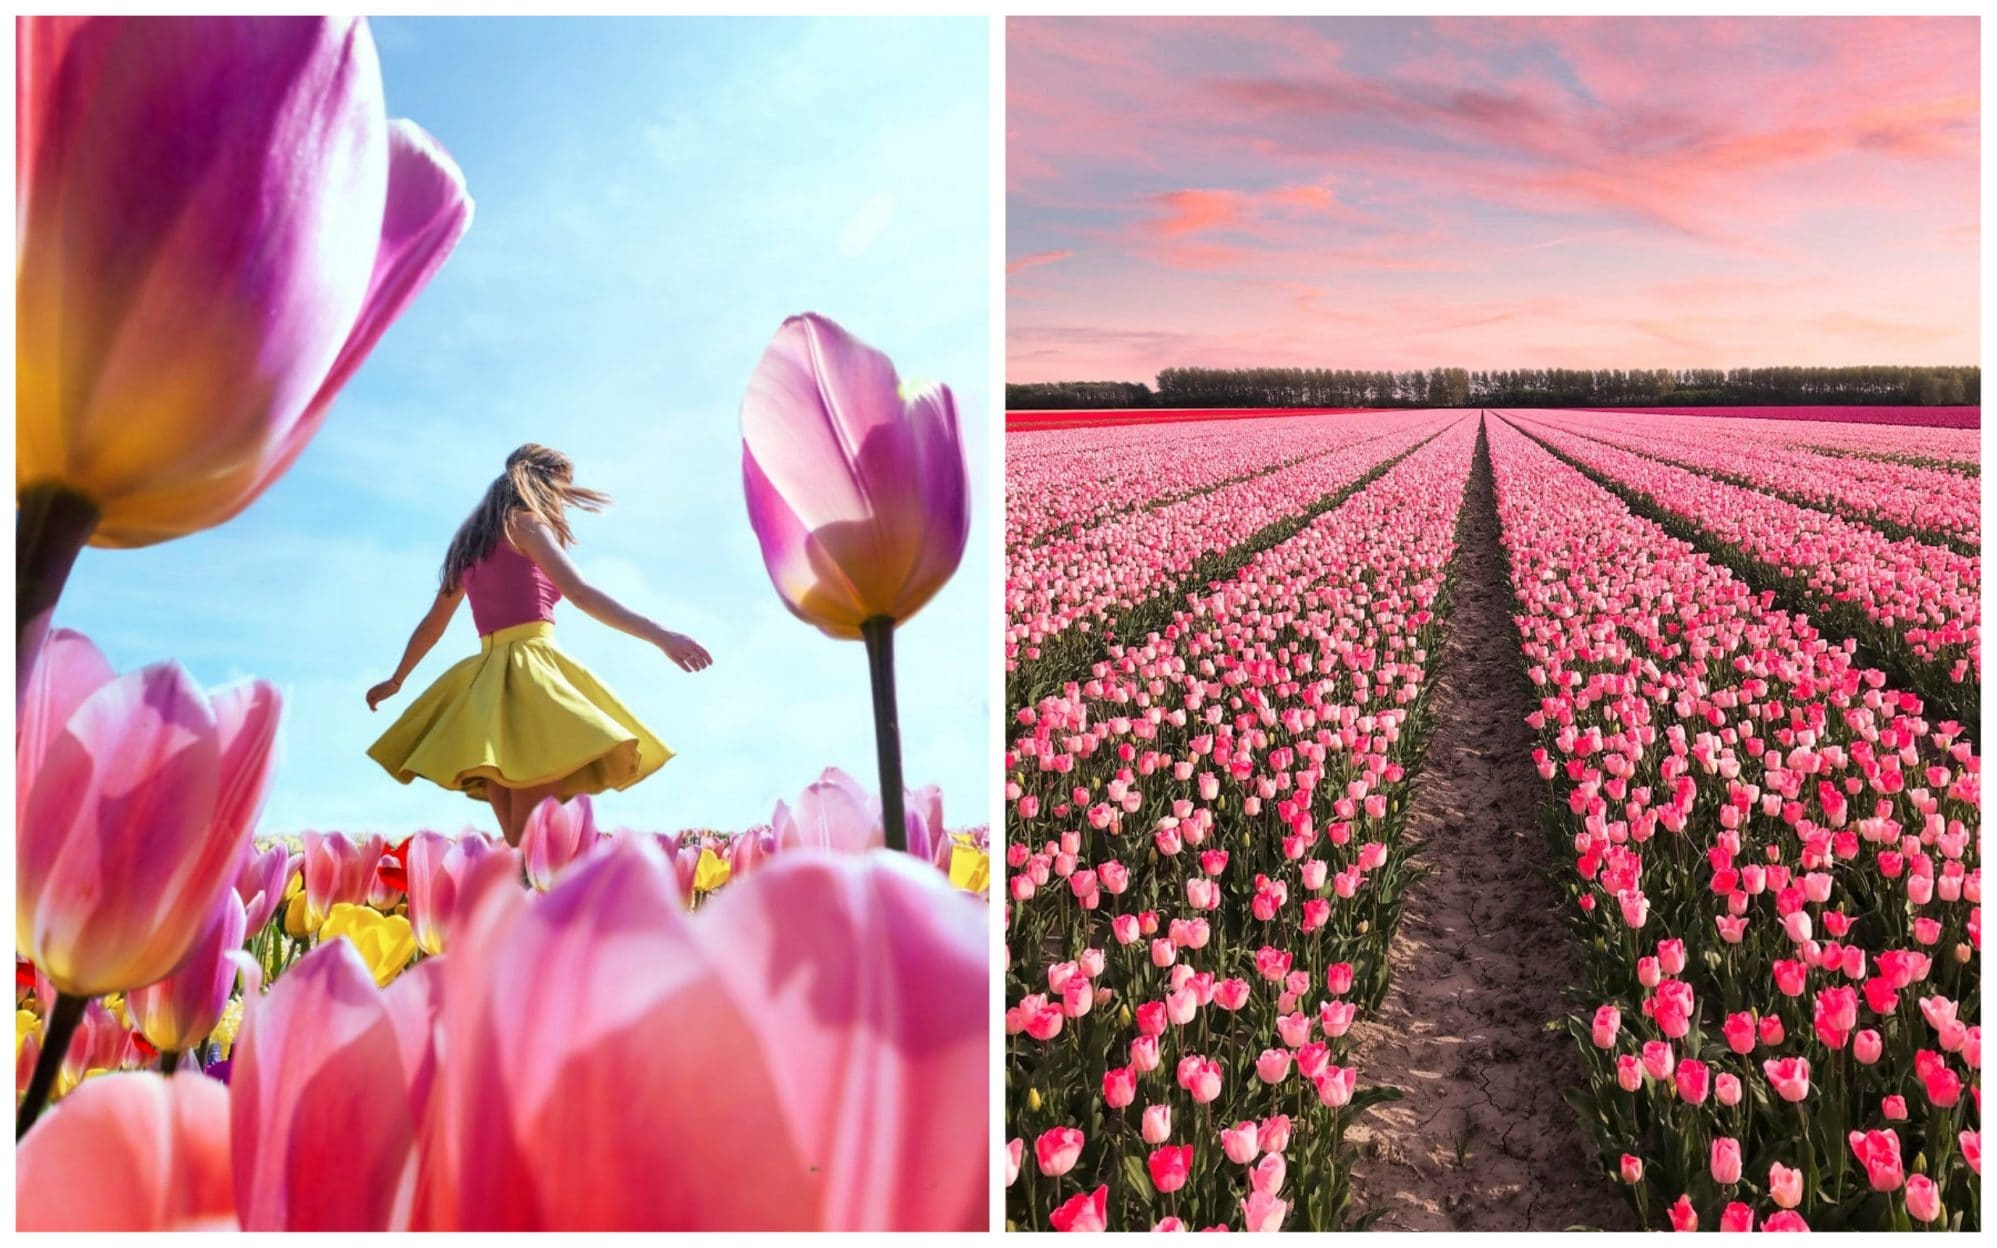 В Нидерландах зацвели 7 миллионов тюльпанов! Сказка, которую стоит увидеть!